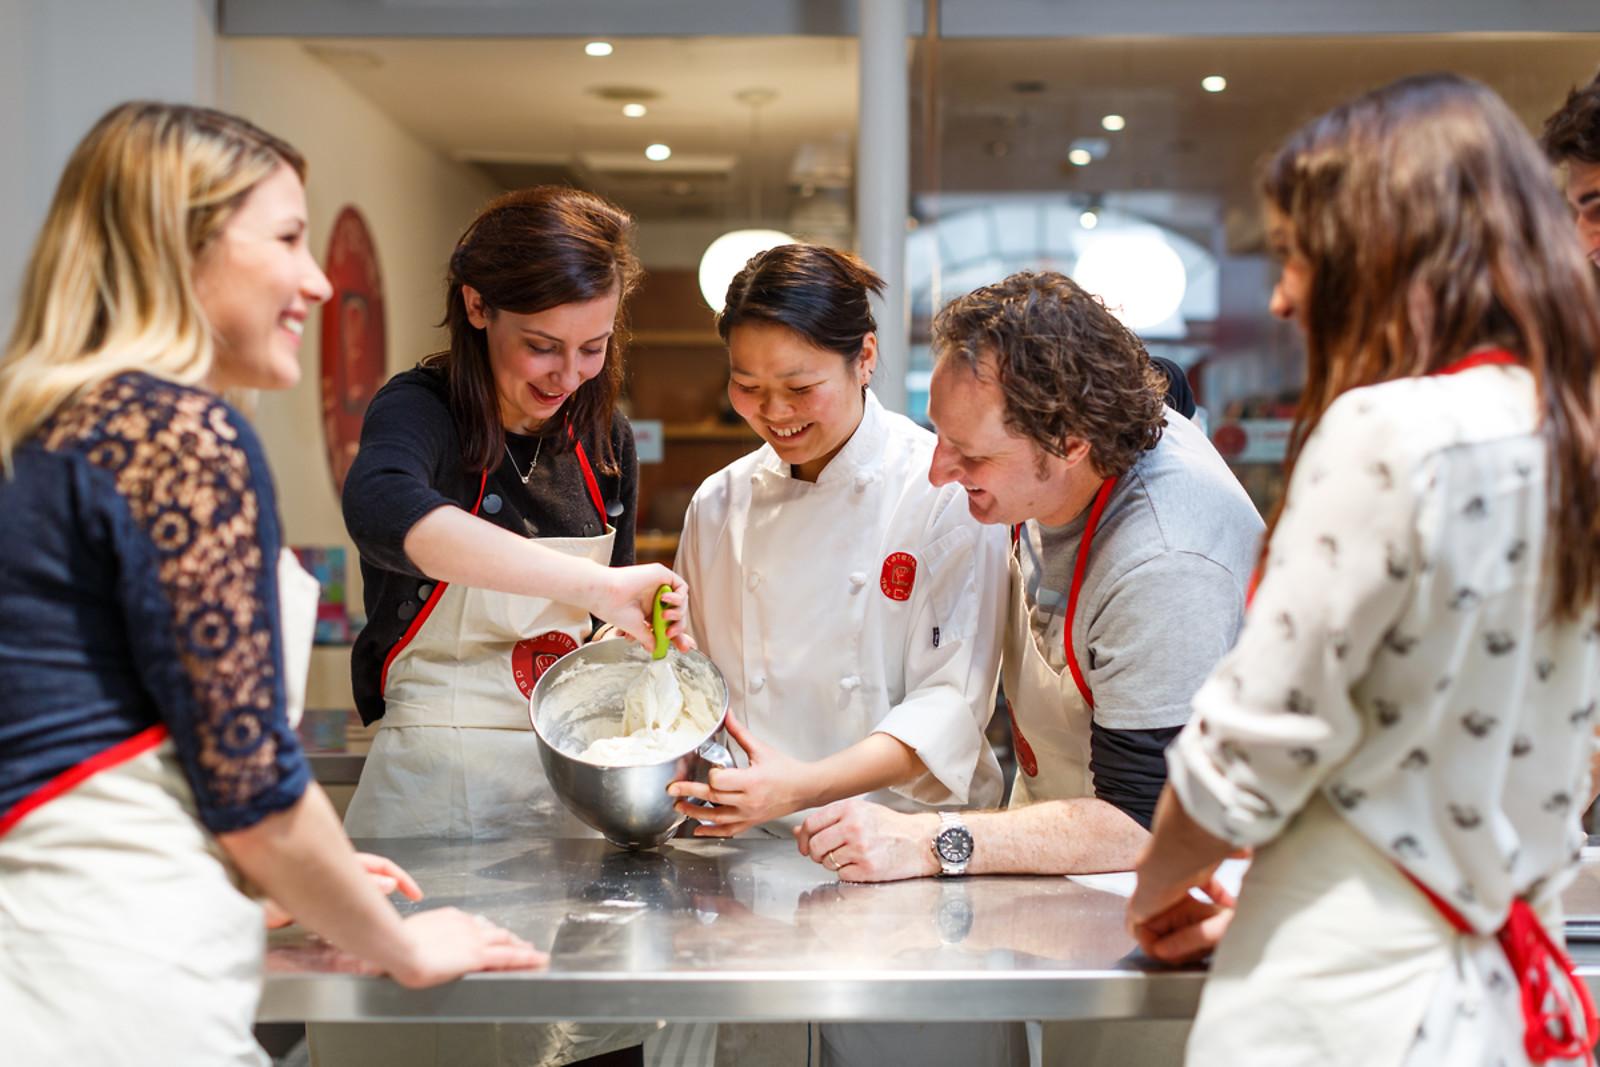 Un cours de cuisine l 39 atelier des chefs strasbourg 67 wonderbox - Cours de cuisine atelier des chefs ...